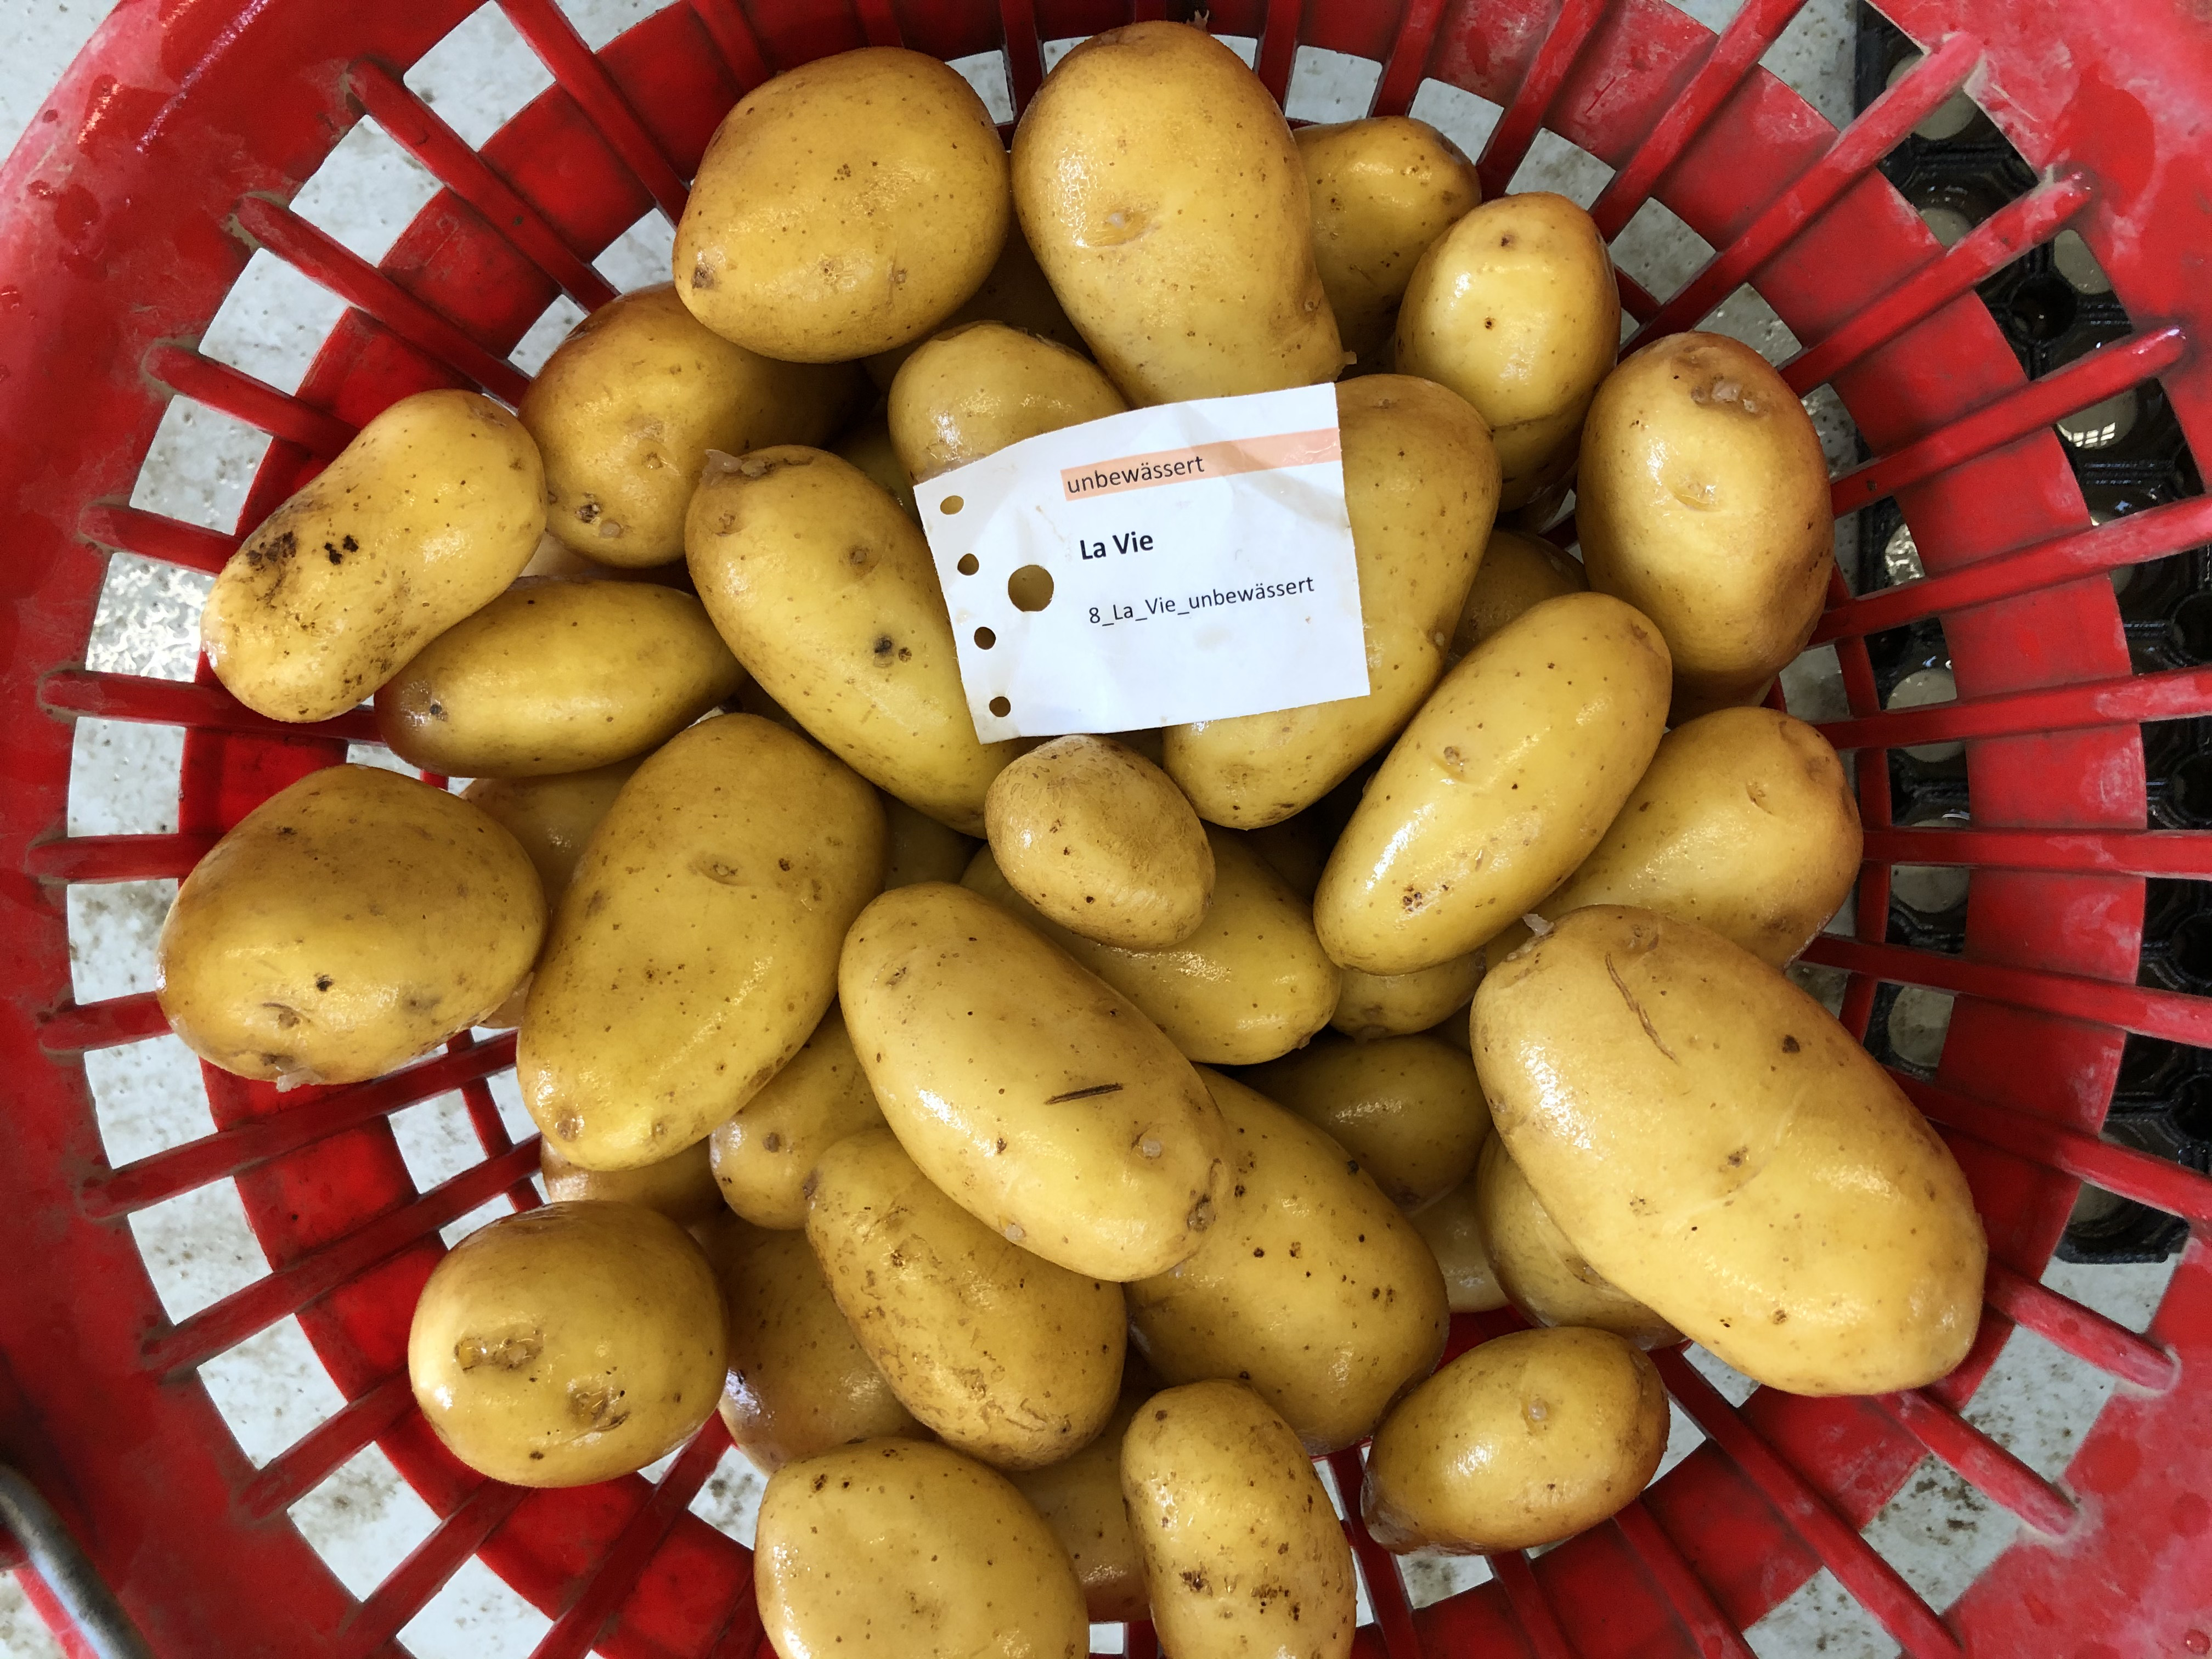 Waschprobe La Vie Kartoffel Sortenversuch Humlikon 2020